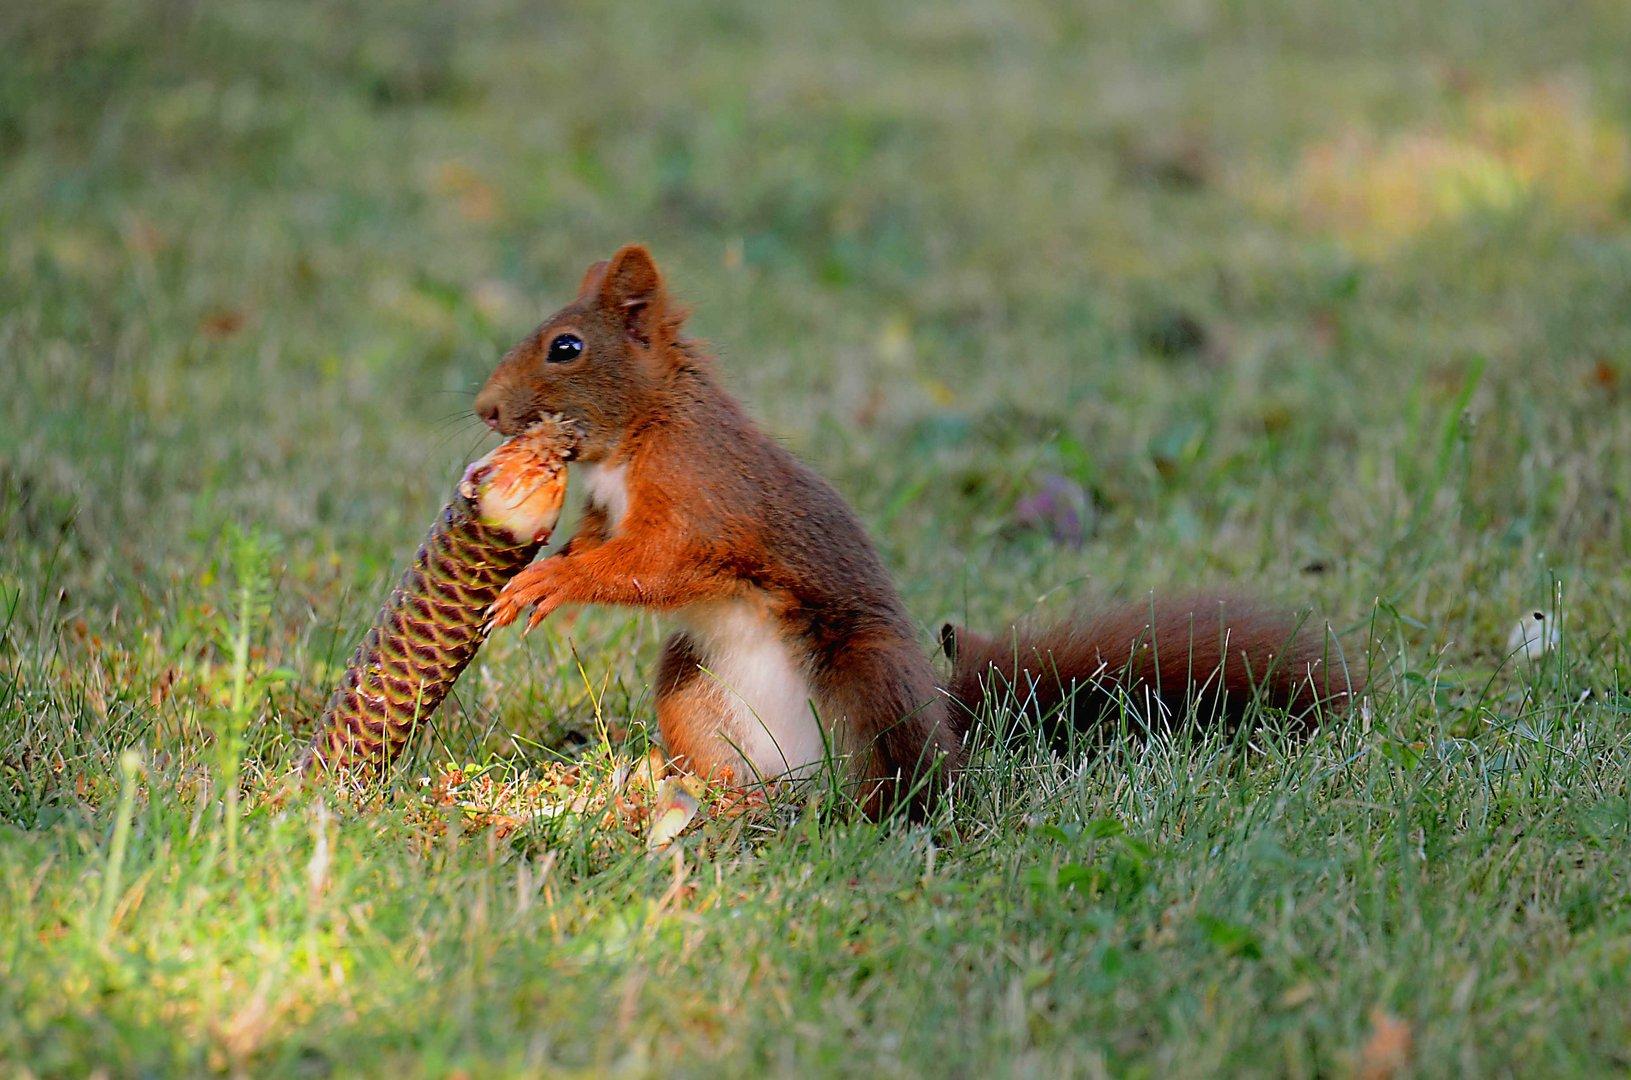 Ein Eis für das Eichhörnchen